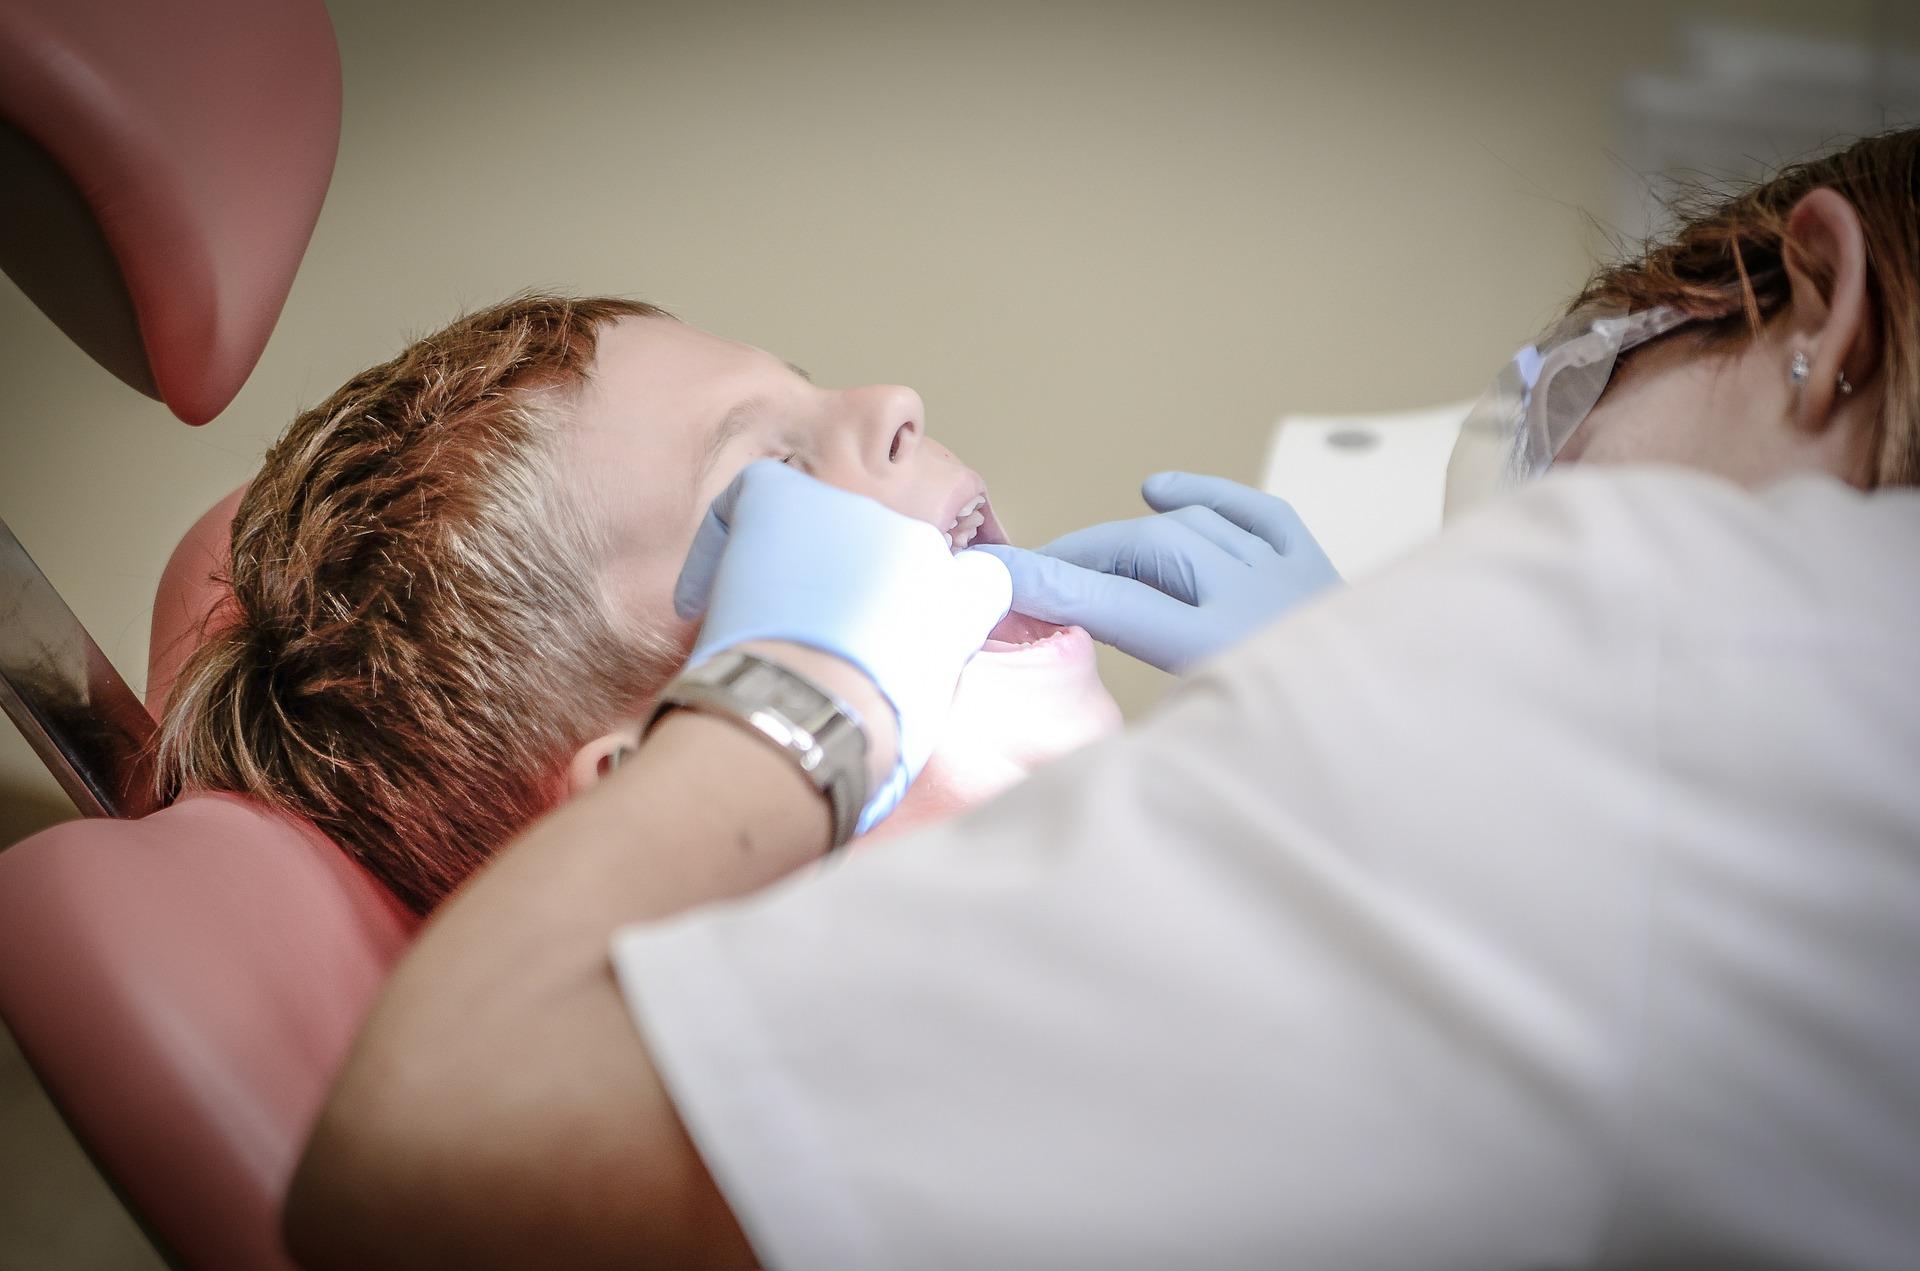 Tudi obisk pri zobozdravniku ne bo kot prej